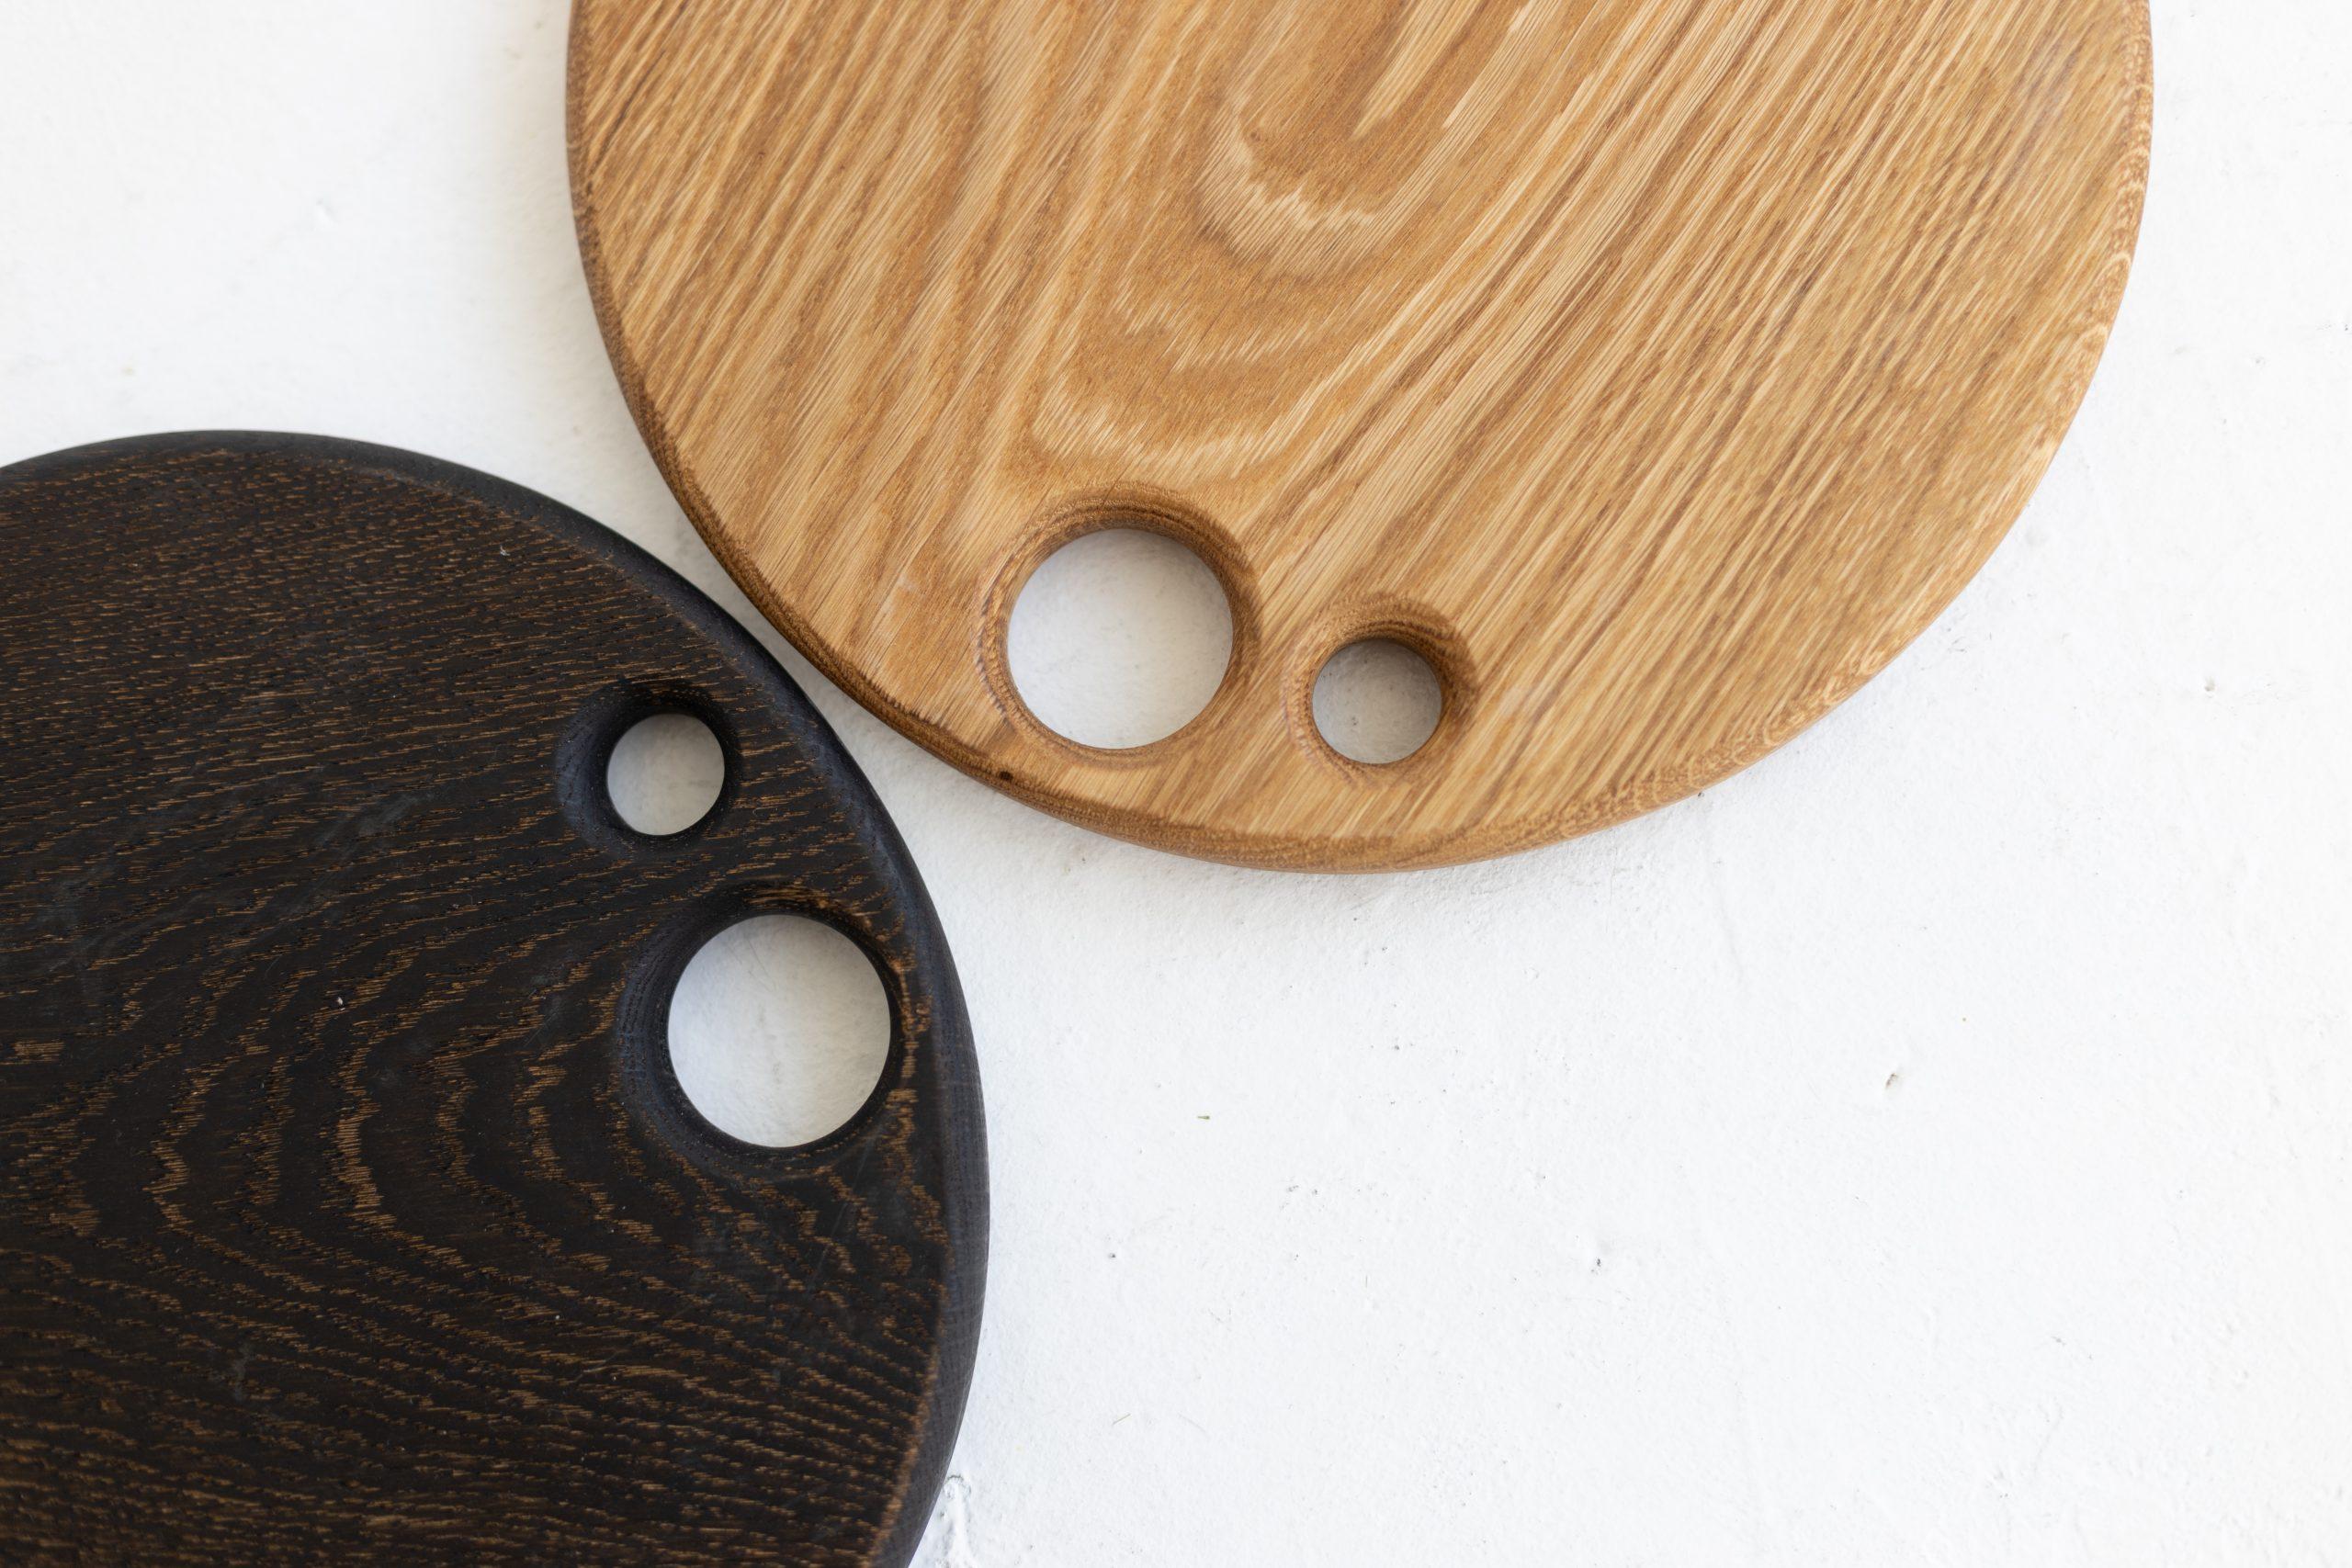 GIRIA medinė pjaustymo lentelė, apvali